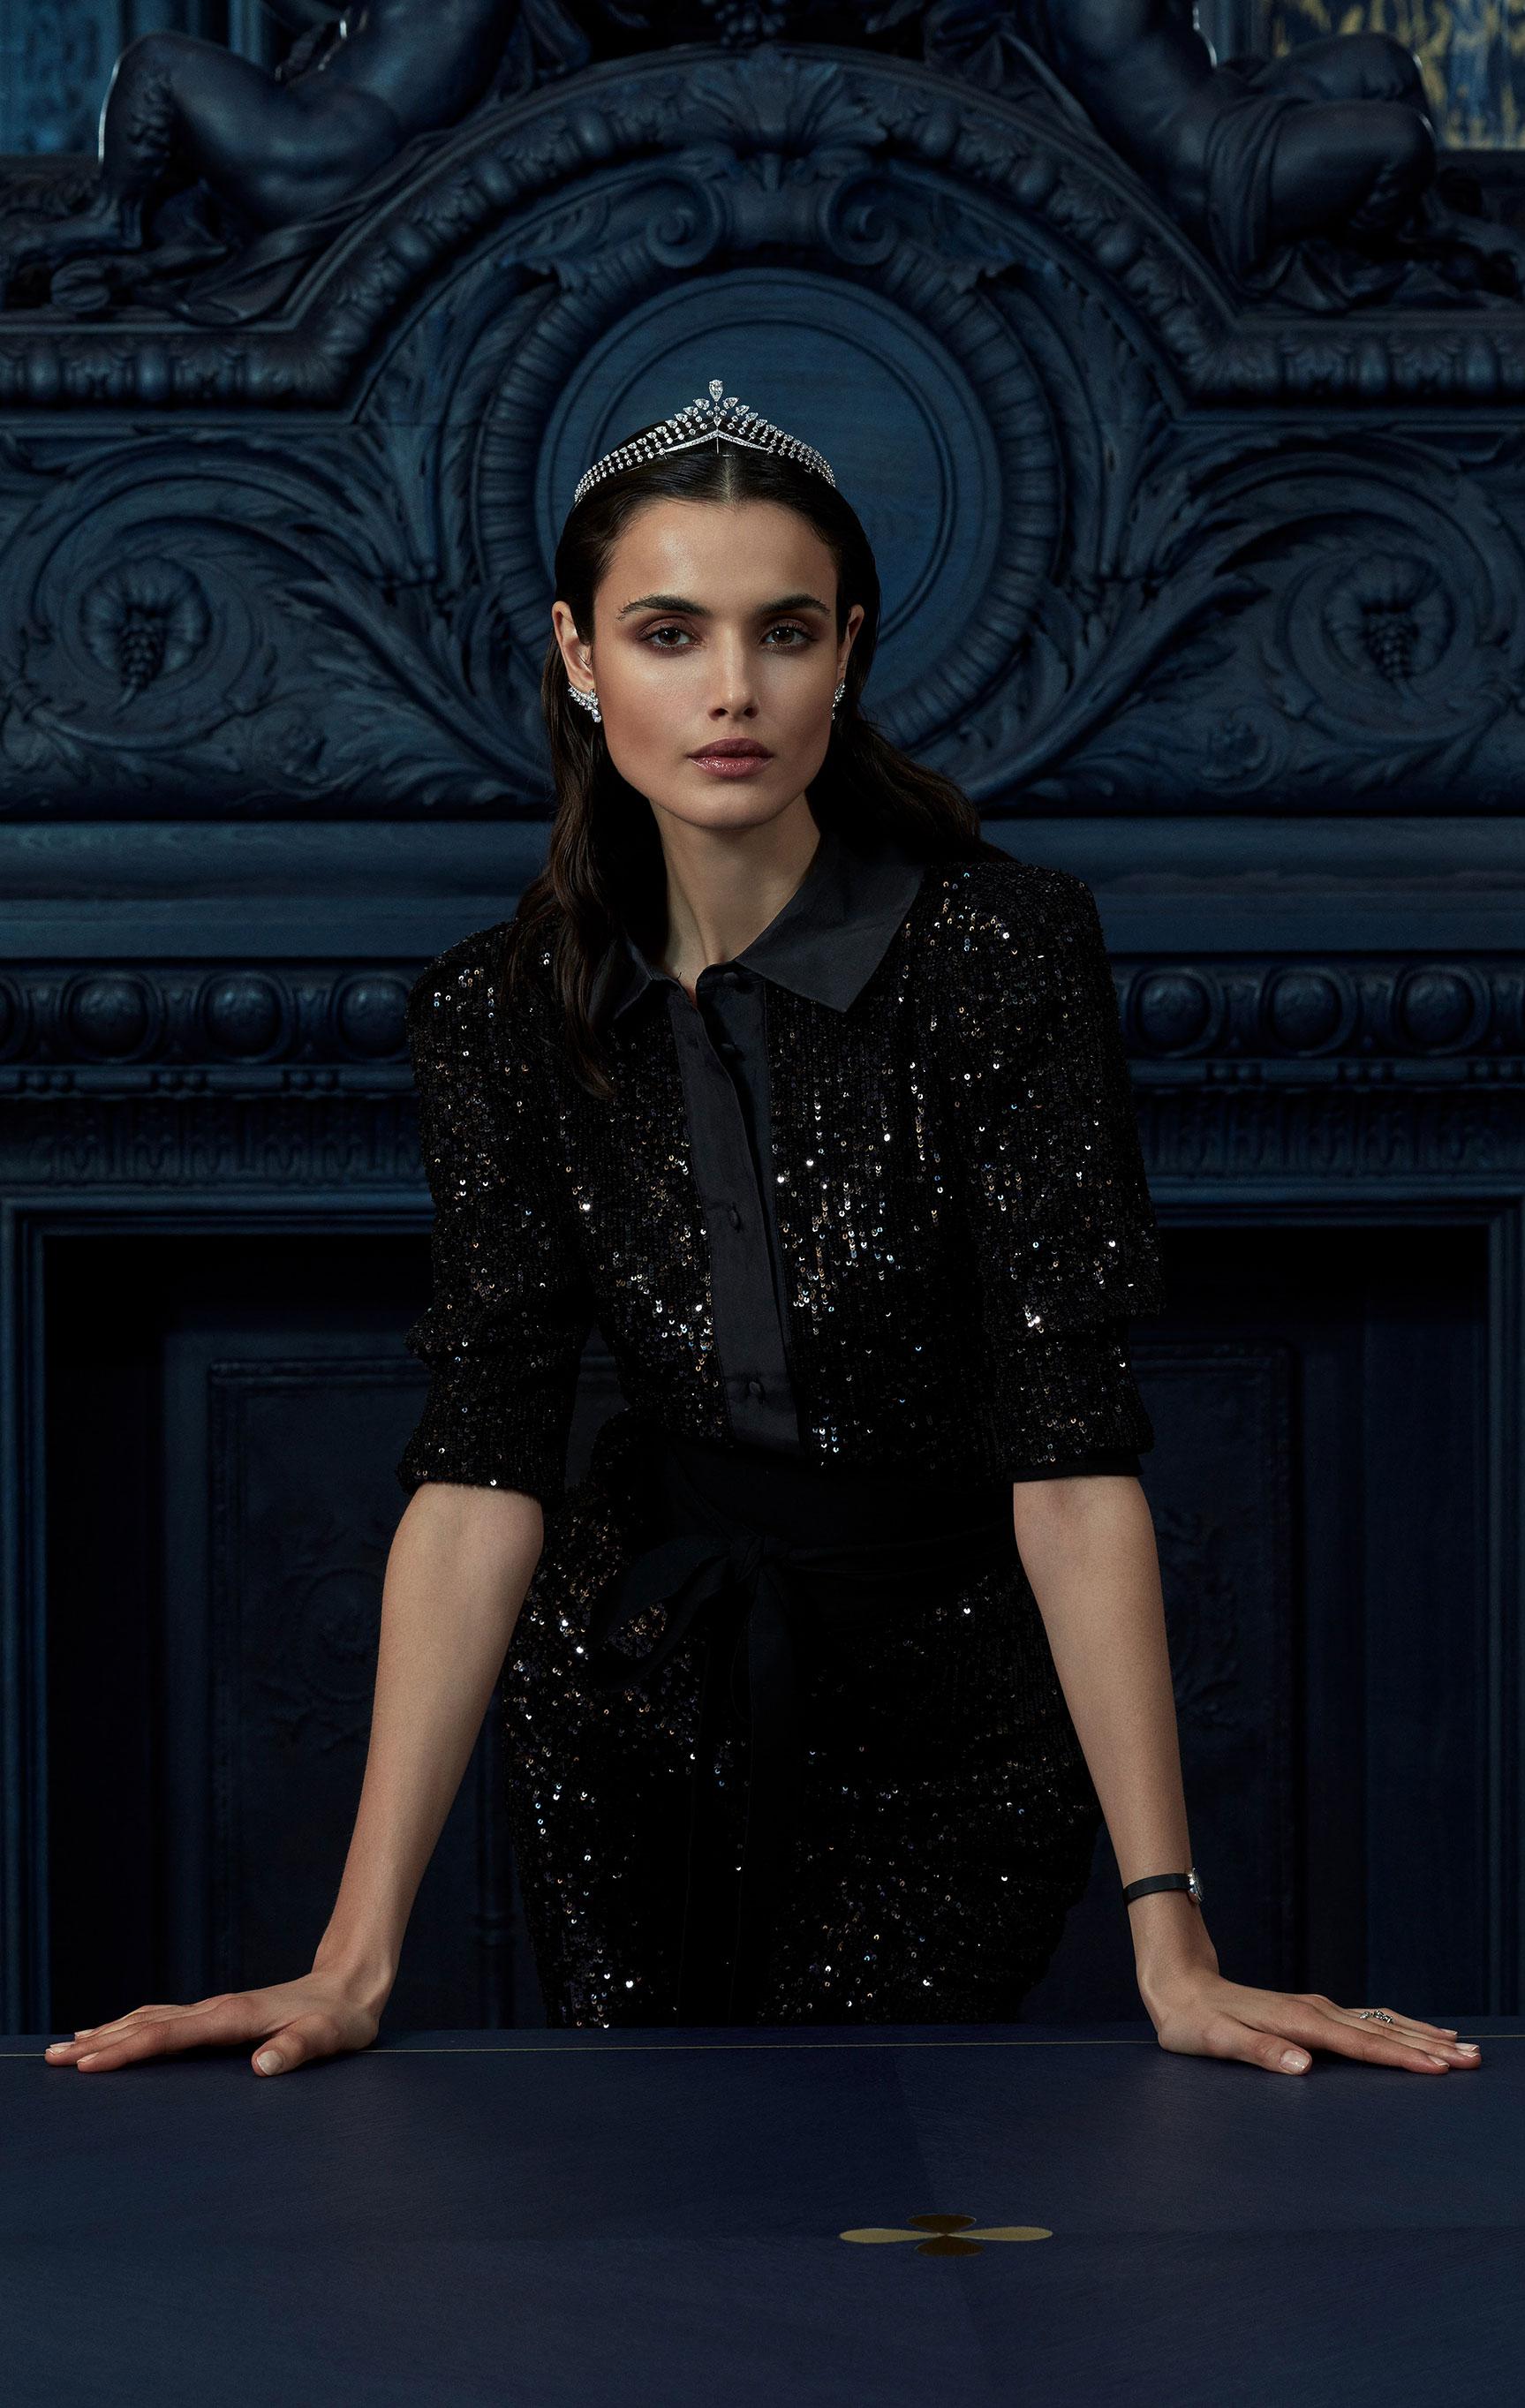 классические парижские ювелирные изделия Chaumet на красивой девушке / фото 07